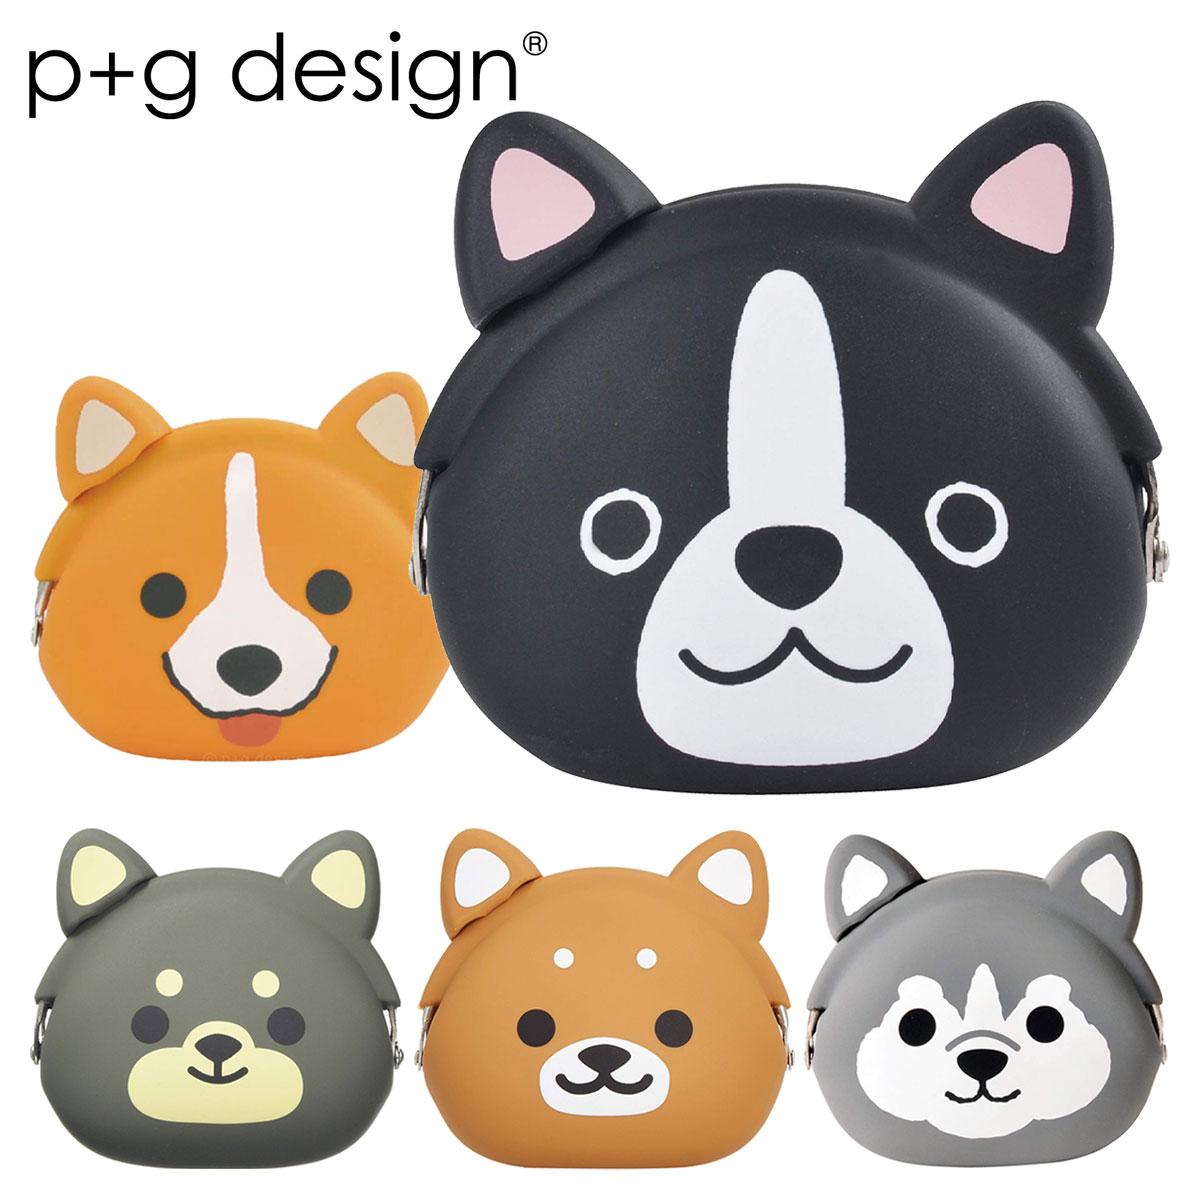 お手入れ簡単 シリコン製 清潔にお使いいただけます ミミポチ フレンズ mimi POCHI Friends おやつ入れ 犬 オーナーグッズ 小物入れ 通販 ピージーデザイン p+g 秀逸 design シリコンがま口